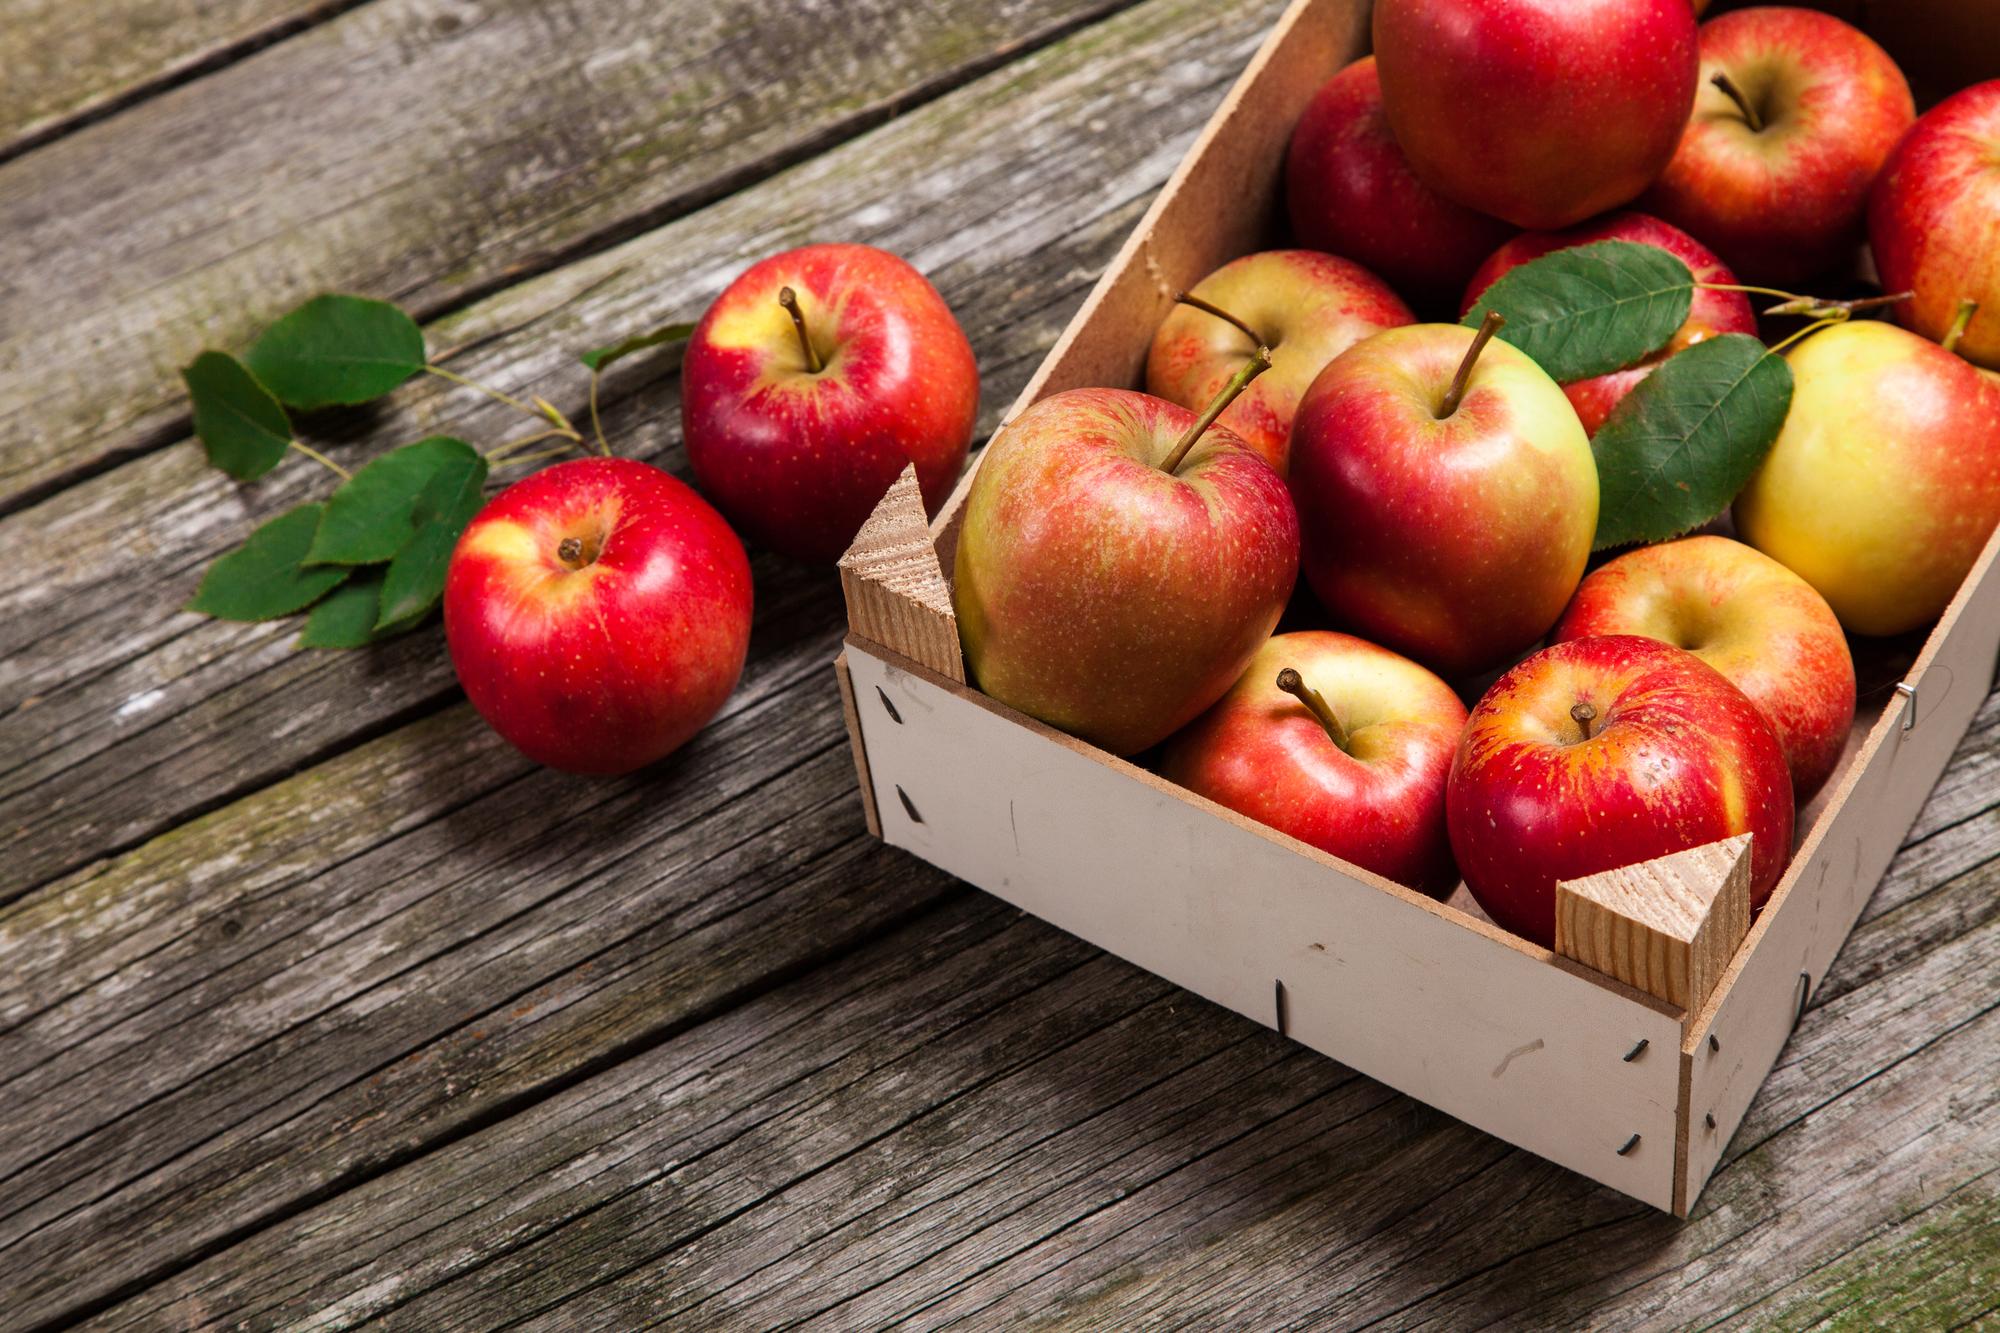 Медовый, Яблочный и Ореховый Спас: дата и традиции